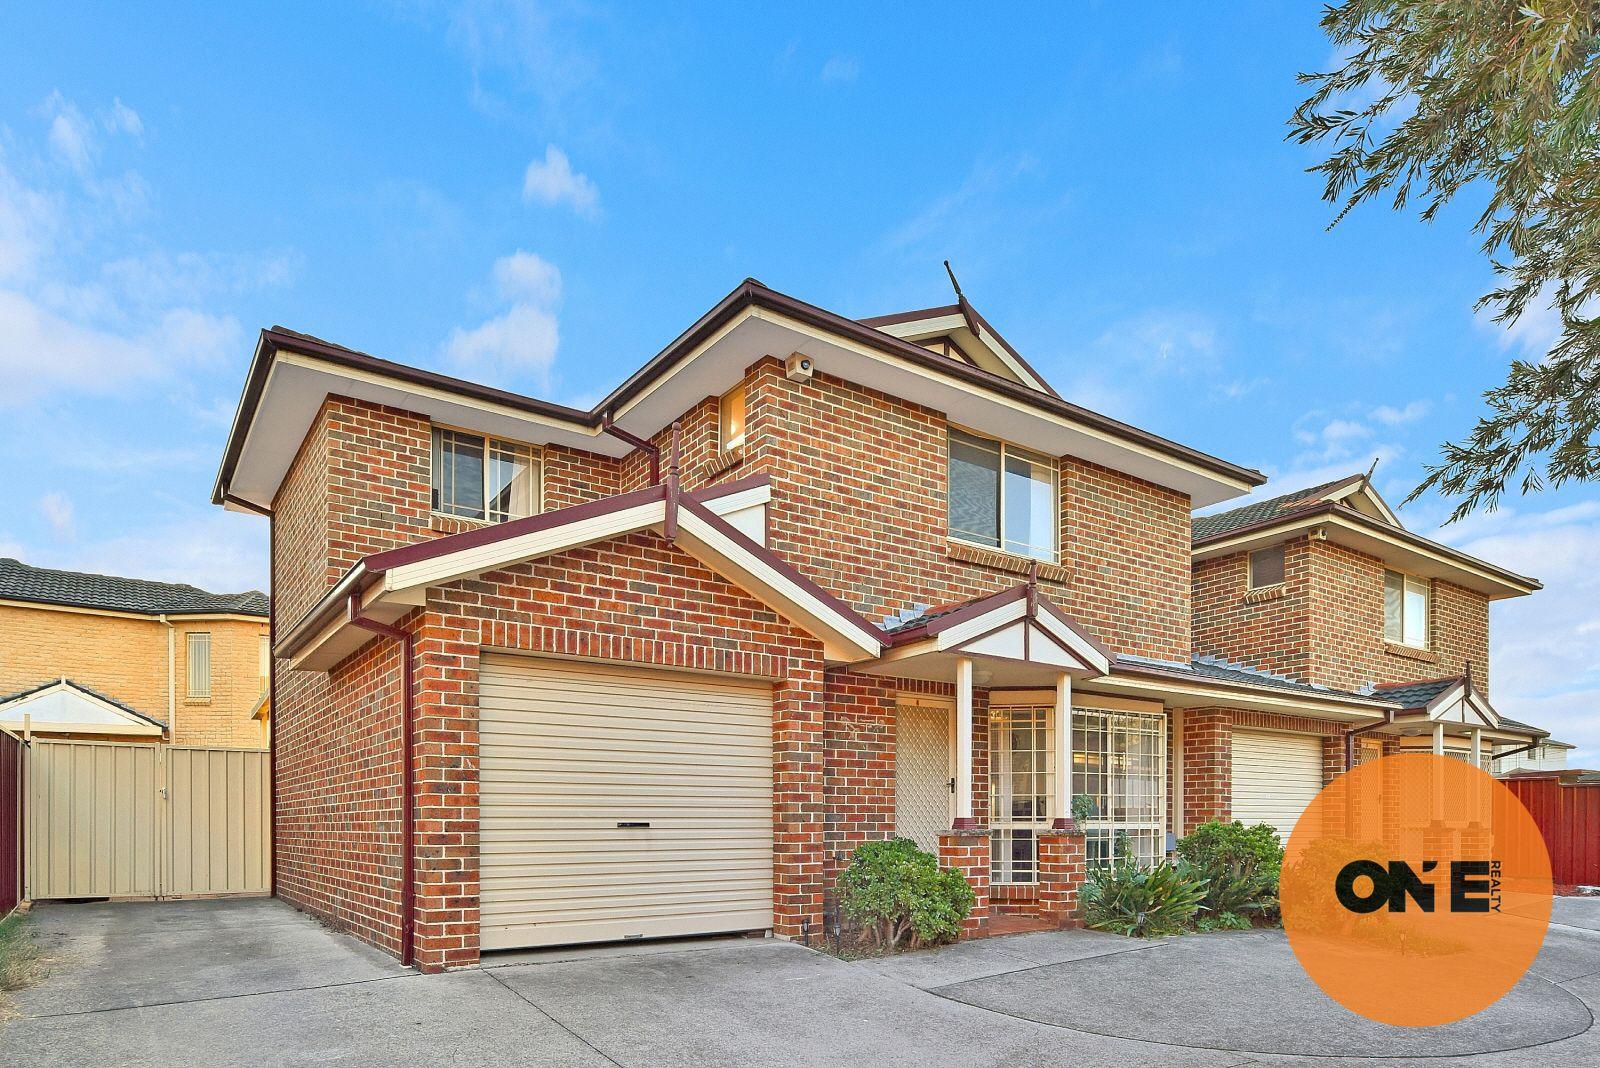 4/76-78 Woodburn Road, Berala NSW 2141, Image 0